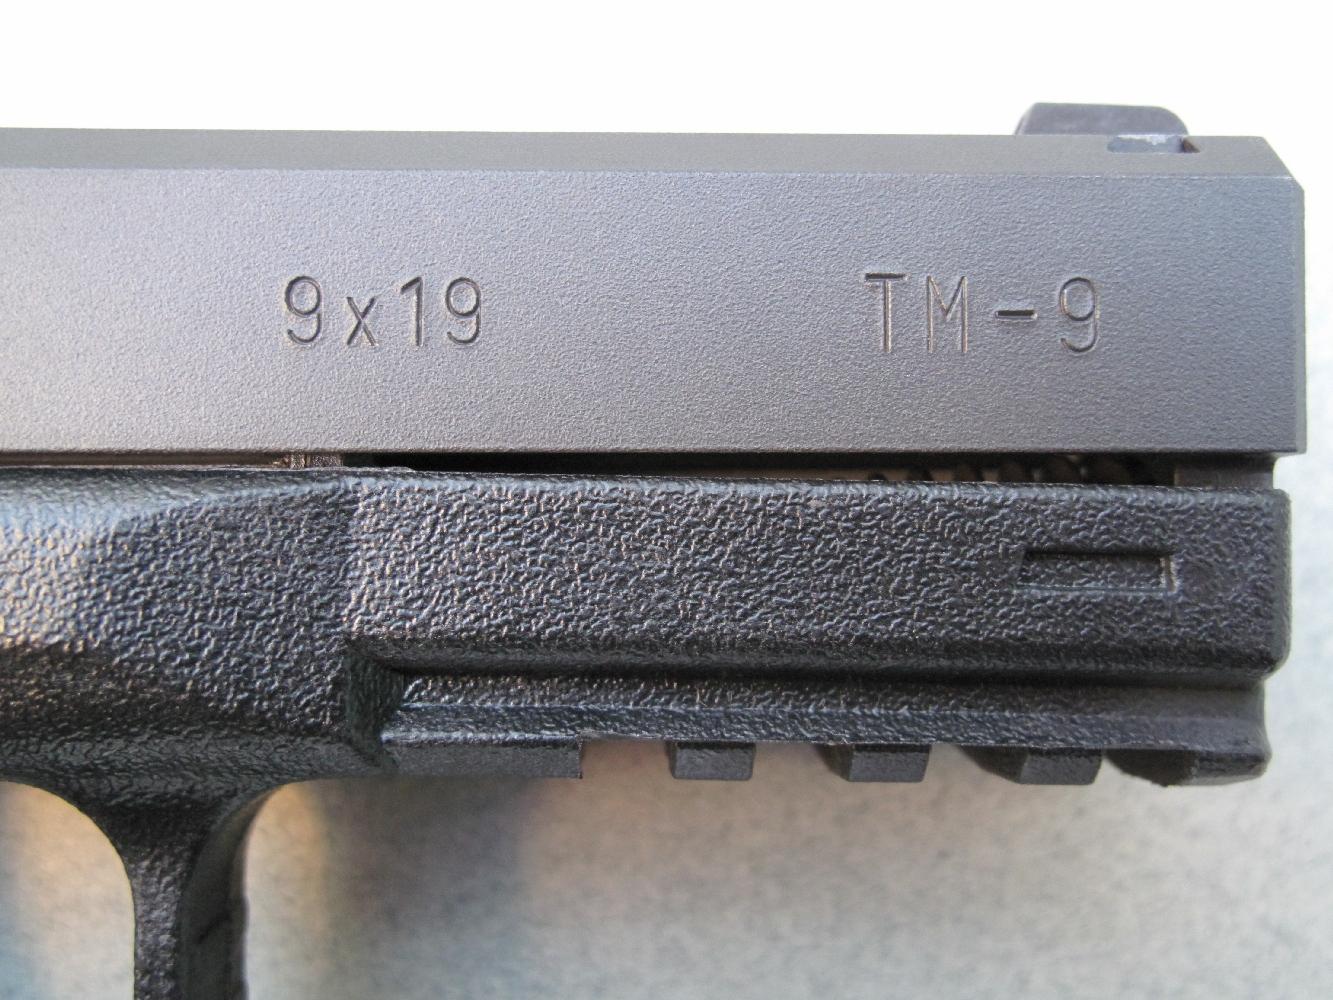 L'indication du calibre 9x19 mm et la dénomination du modèle sont frappés sur le flanc droit de la glissière.